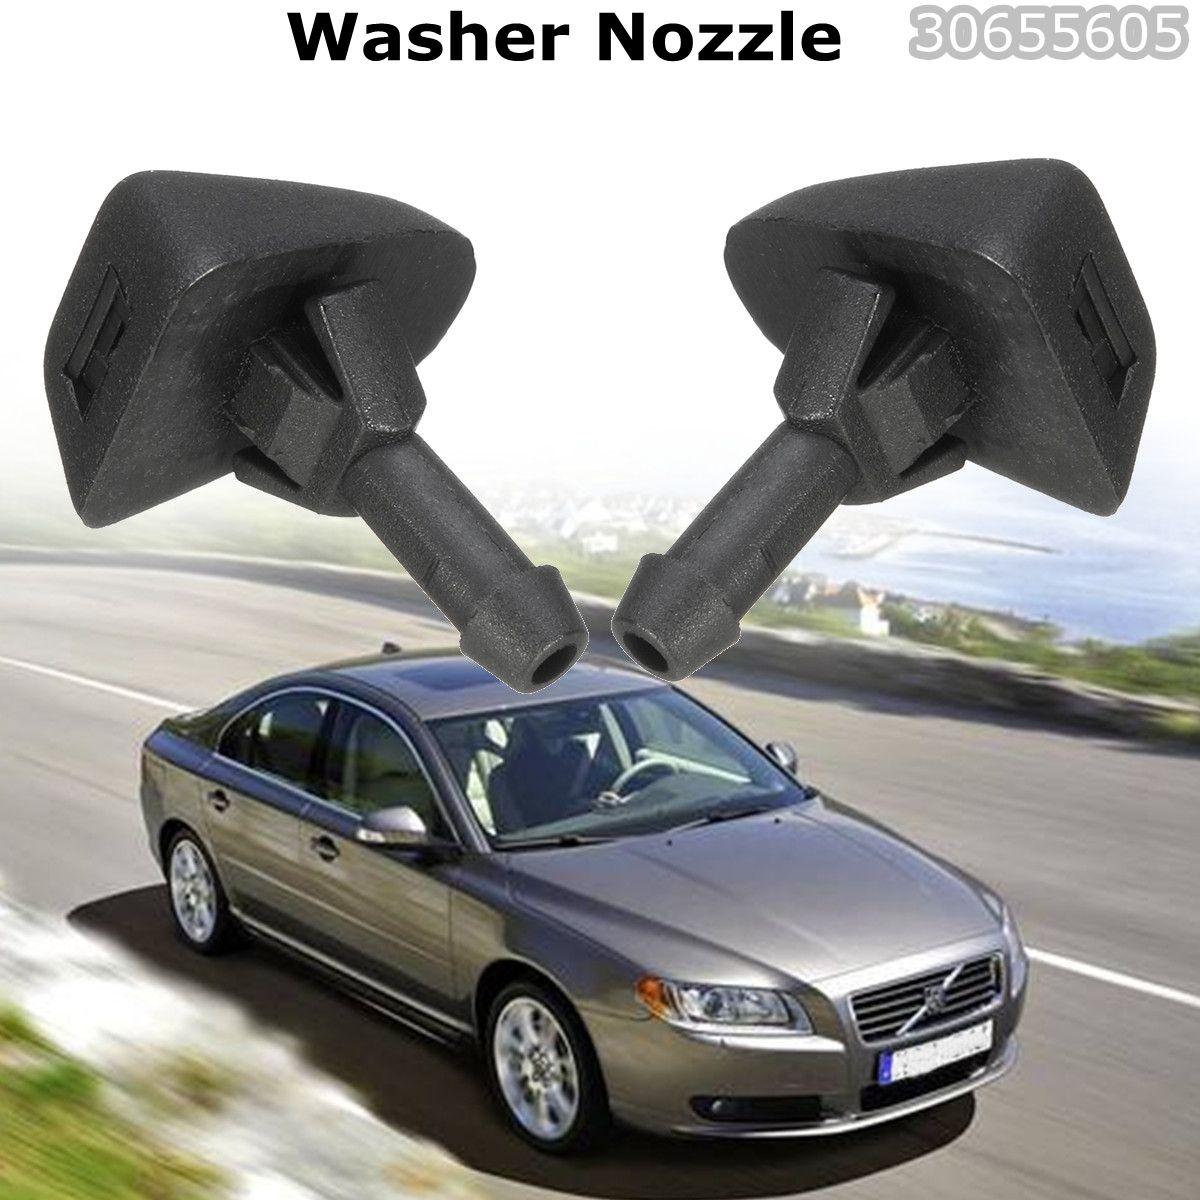 Ein Paar Auto Teile Windschutz Scheibe Düse Squirter Jet 30655605 Windschutzscheibe Washer Düsen Für Volvo XC90 C30 C70 S40